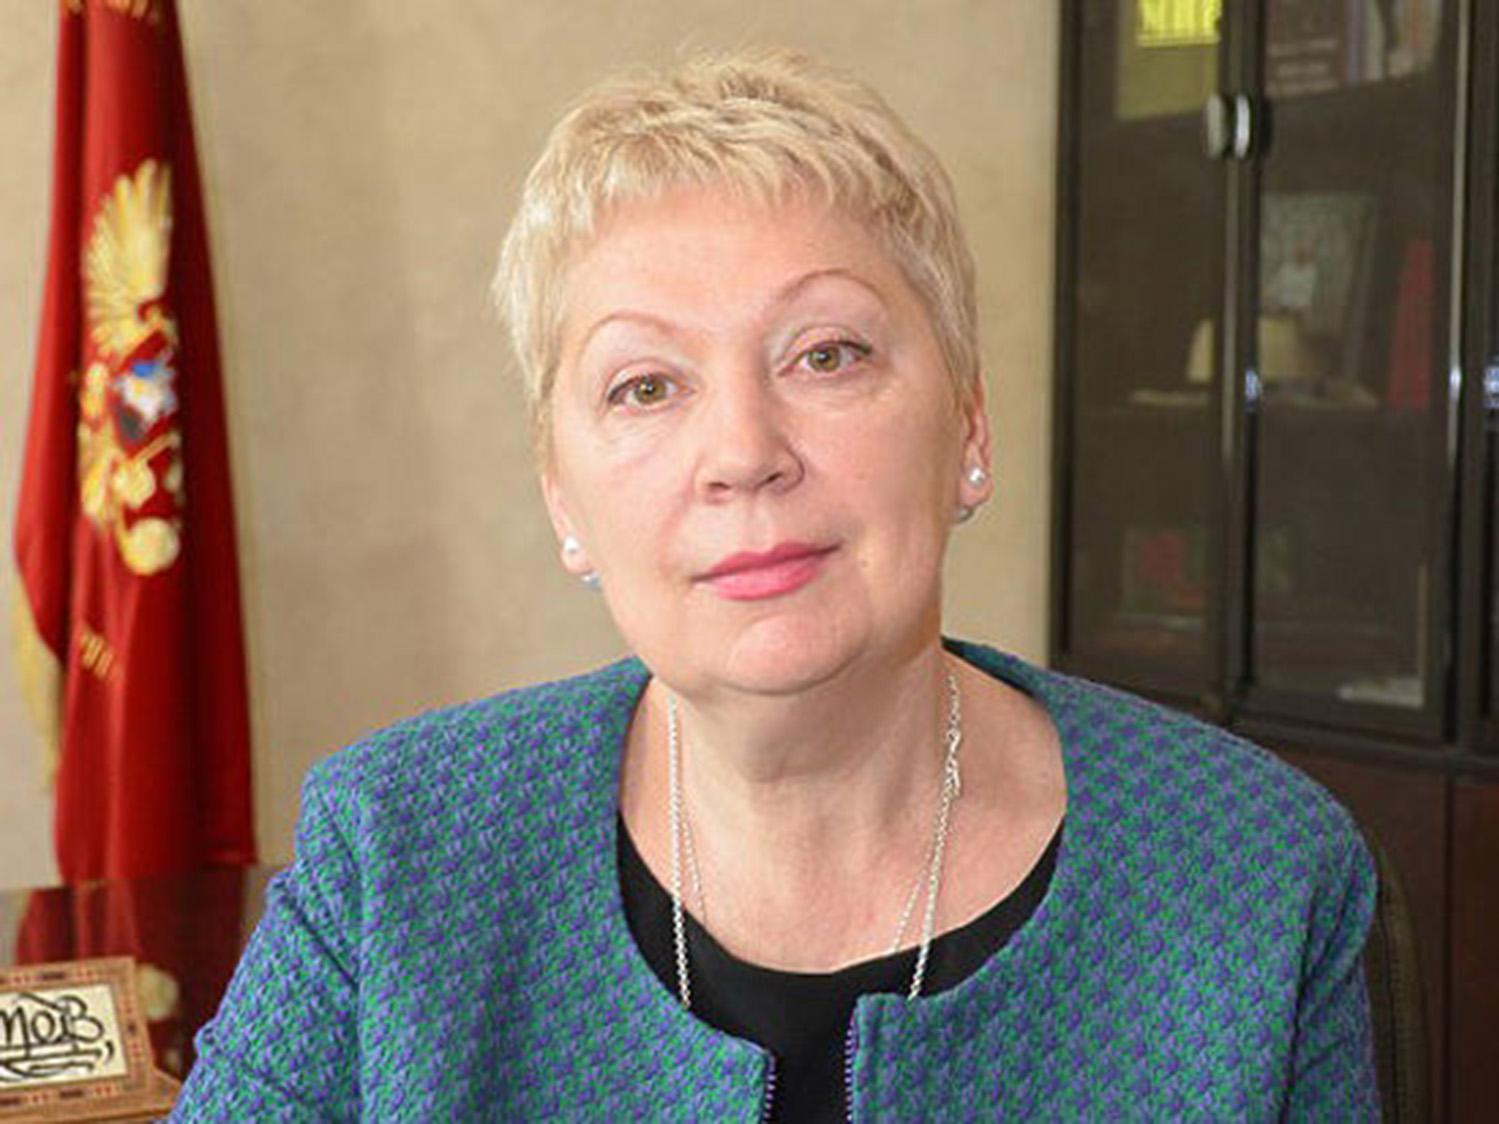 Руководитель Минобрнауки Ольга Васильева неприехала нафорум «Наука будущего»